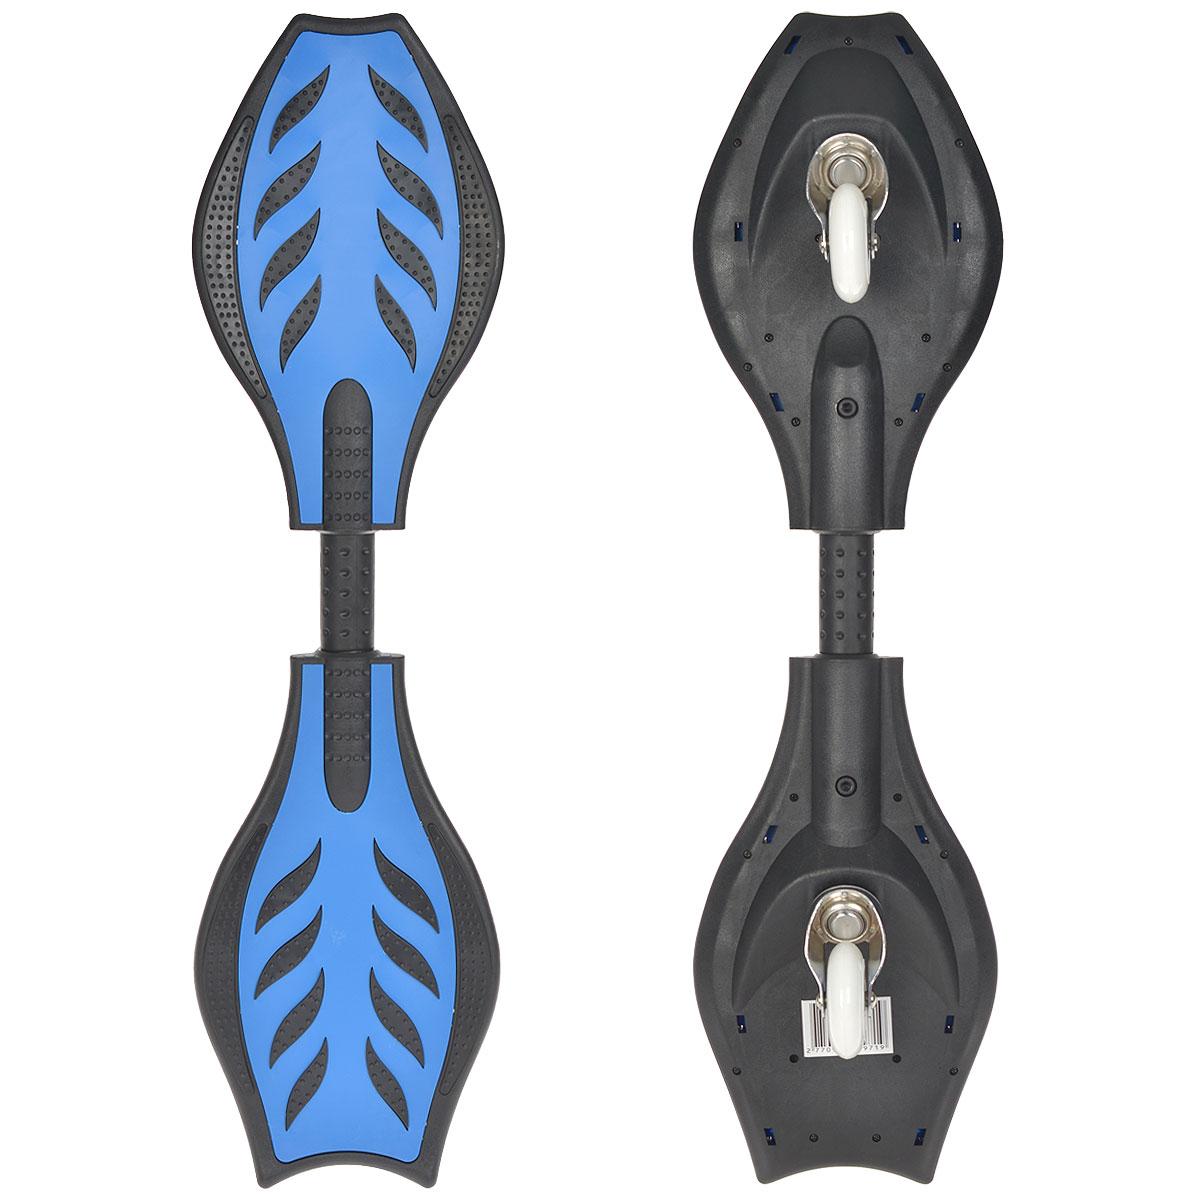 Свингборд HelloWood, цвет: синий. HW-B-504WRA523700Свингборд HelloWood - это доска на маленьких колесах, причем колеса у нее всего два - спереди и сзади по одному. Они имеют запатентованную систему вращения, которая позволяет выполнять экстремальные трюки и почувствовать легкость и скорость движения. Единственное, кататься на свингборде не так просто, но если вы научитесь, то уже не сможете отказаться от этого развлечения!